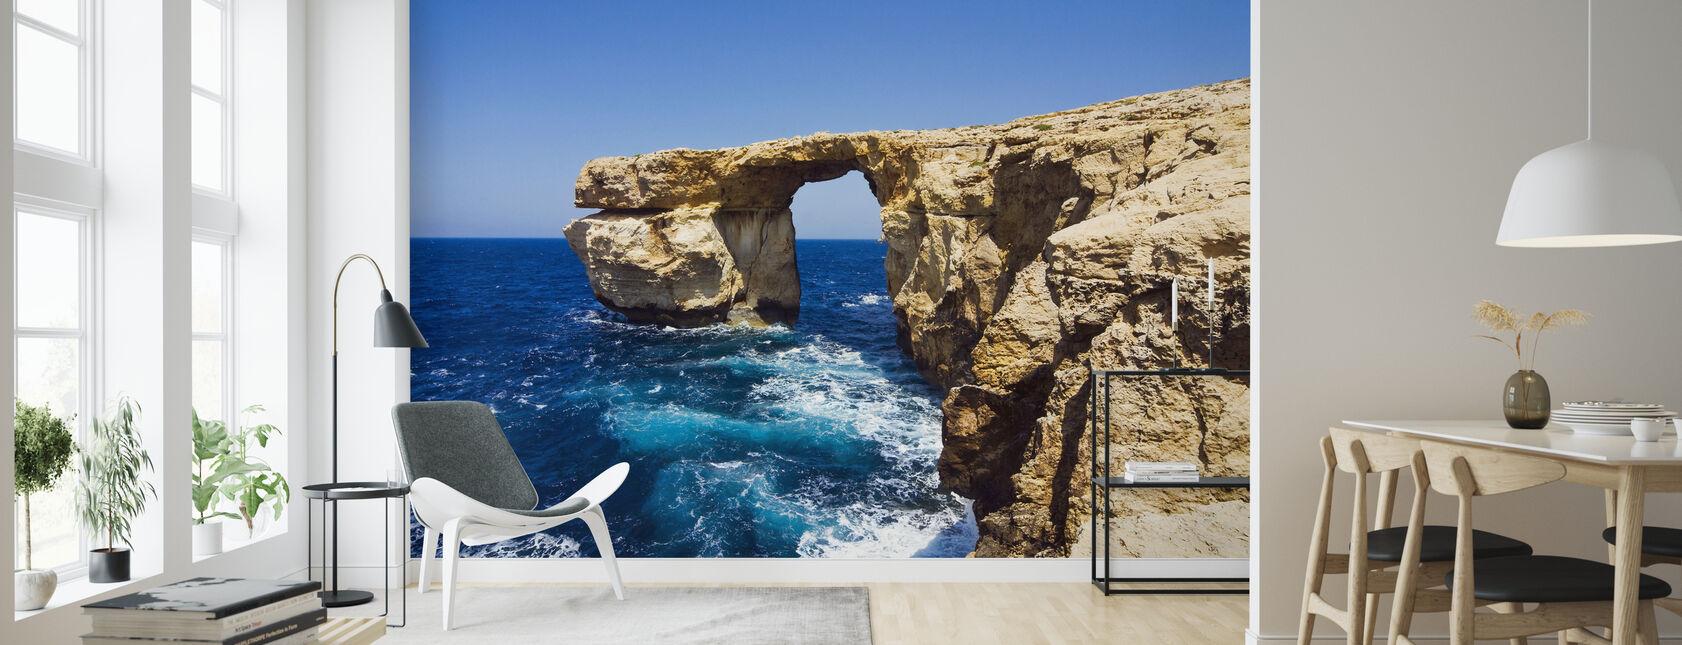 Azure Window - Wallpaper - Living Room